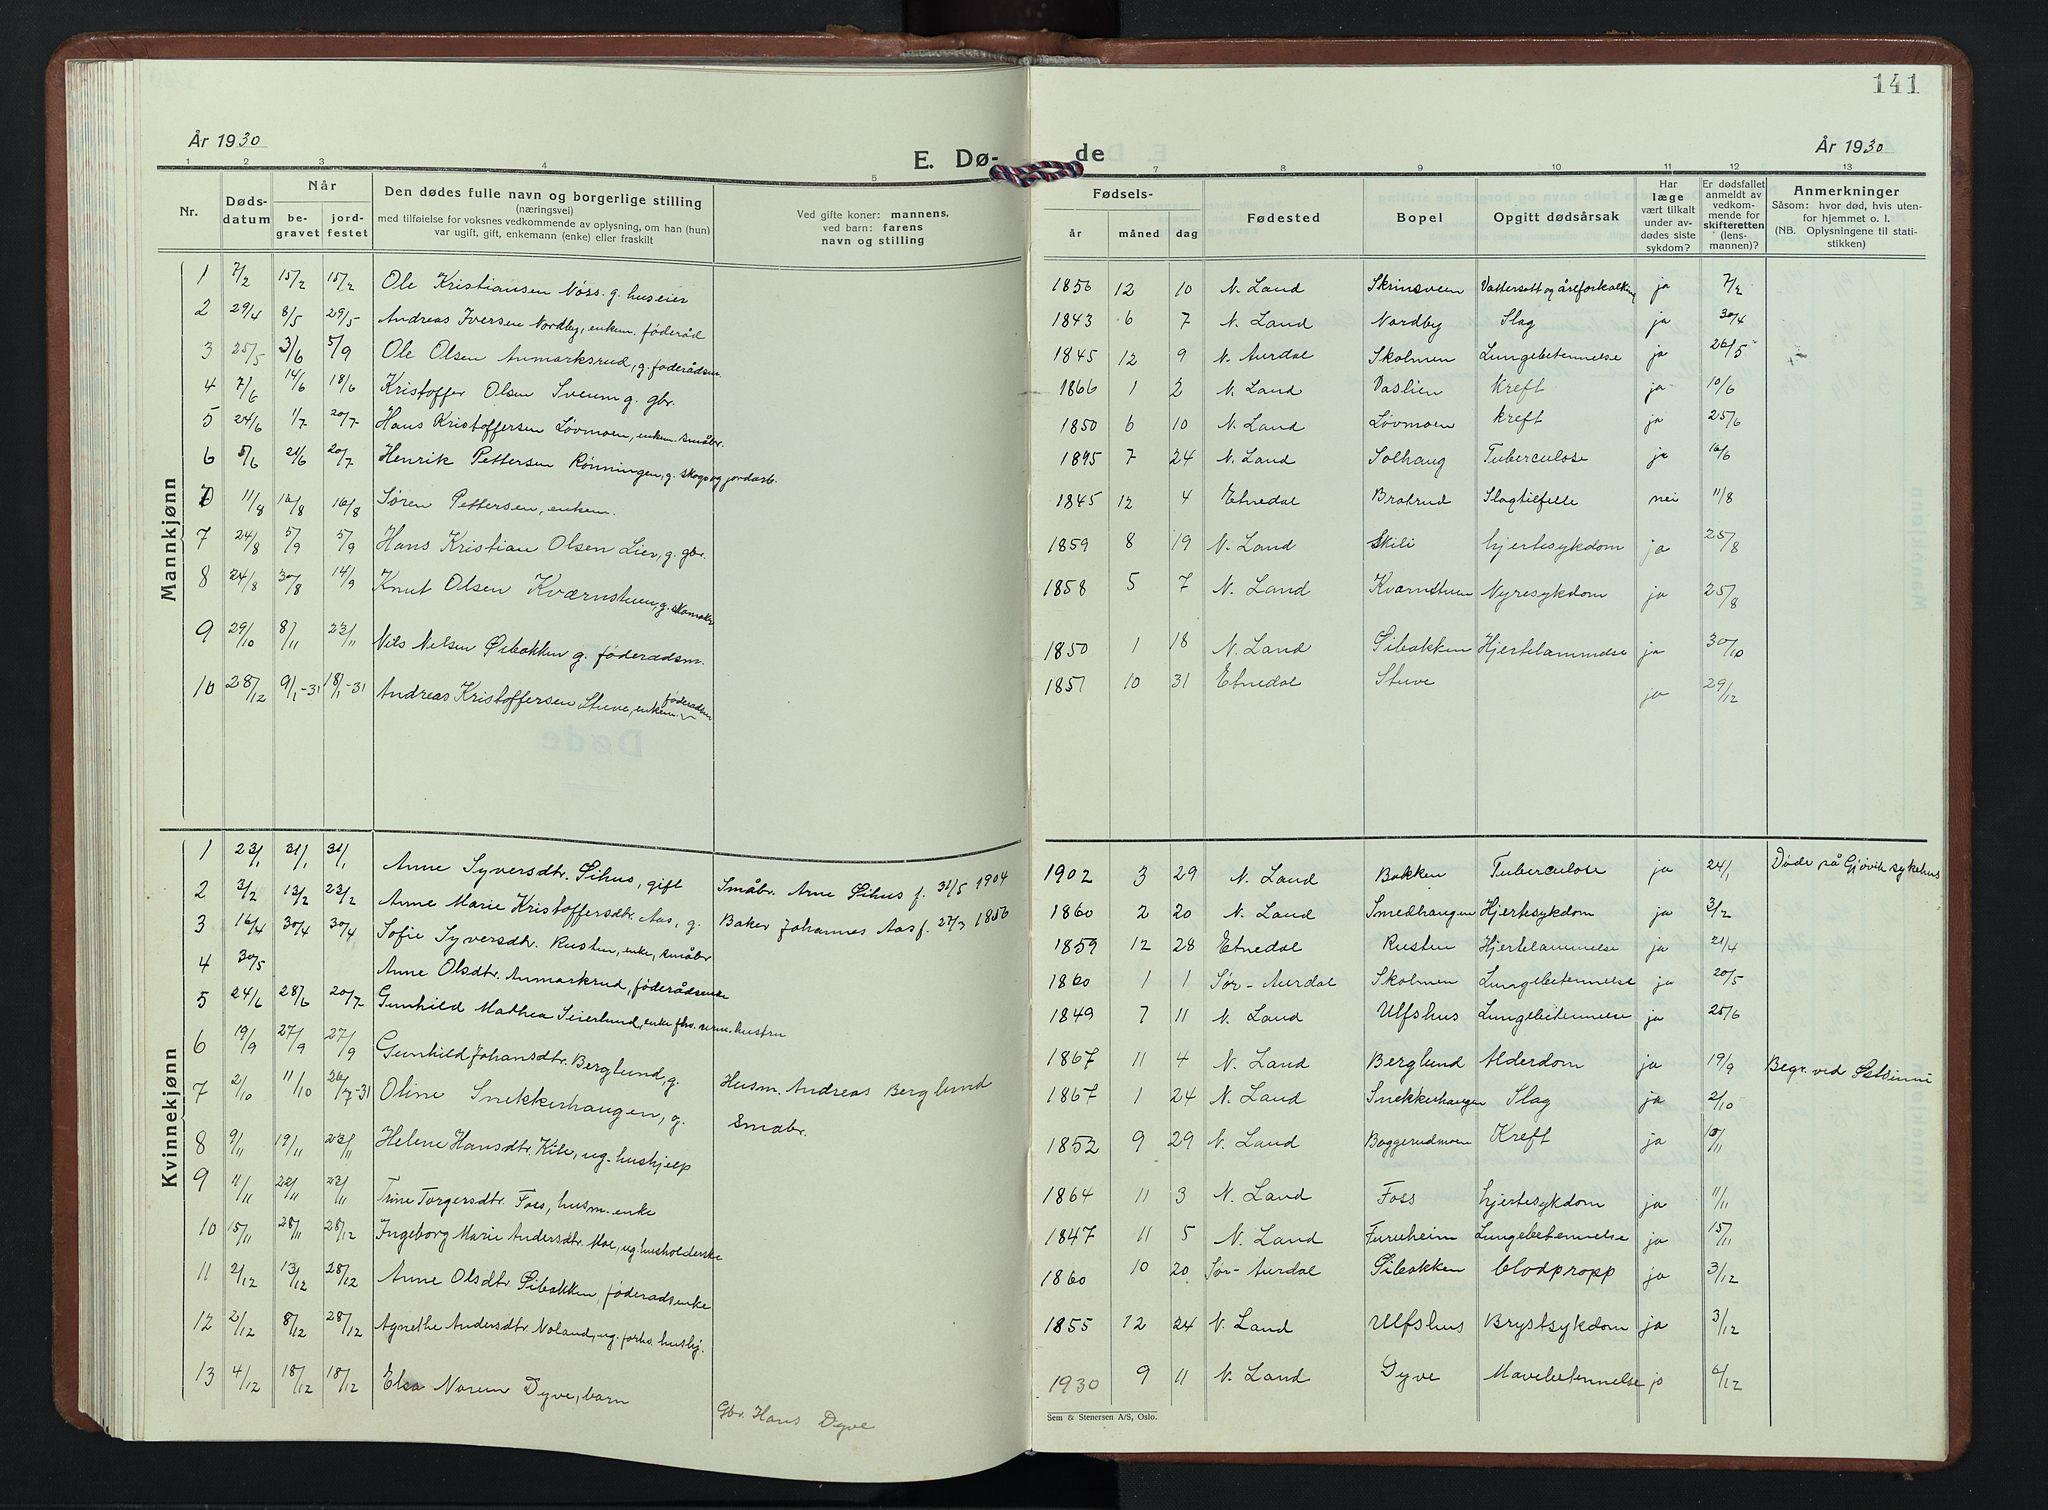 SAH, Nordre Land prestekontor, Klokkerbok nr. 7, 1930-1953, s. 141